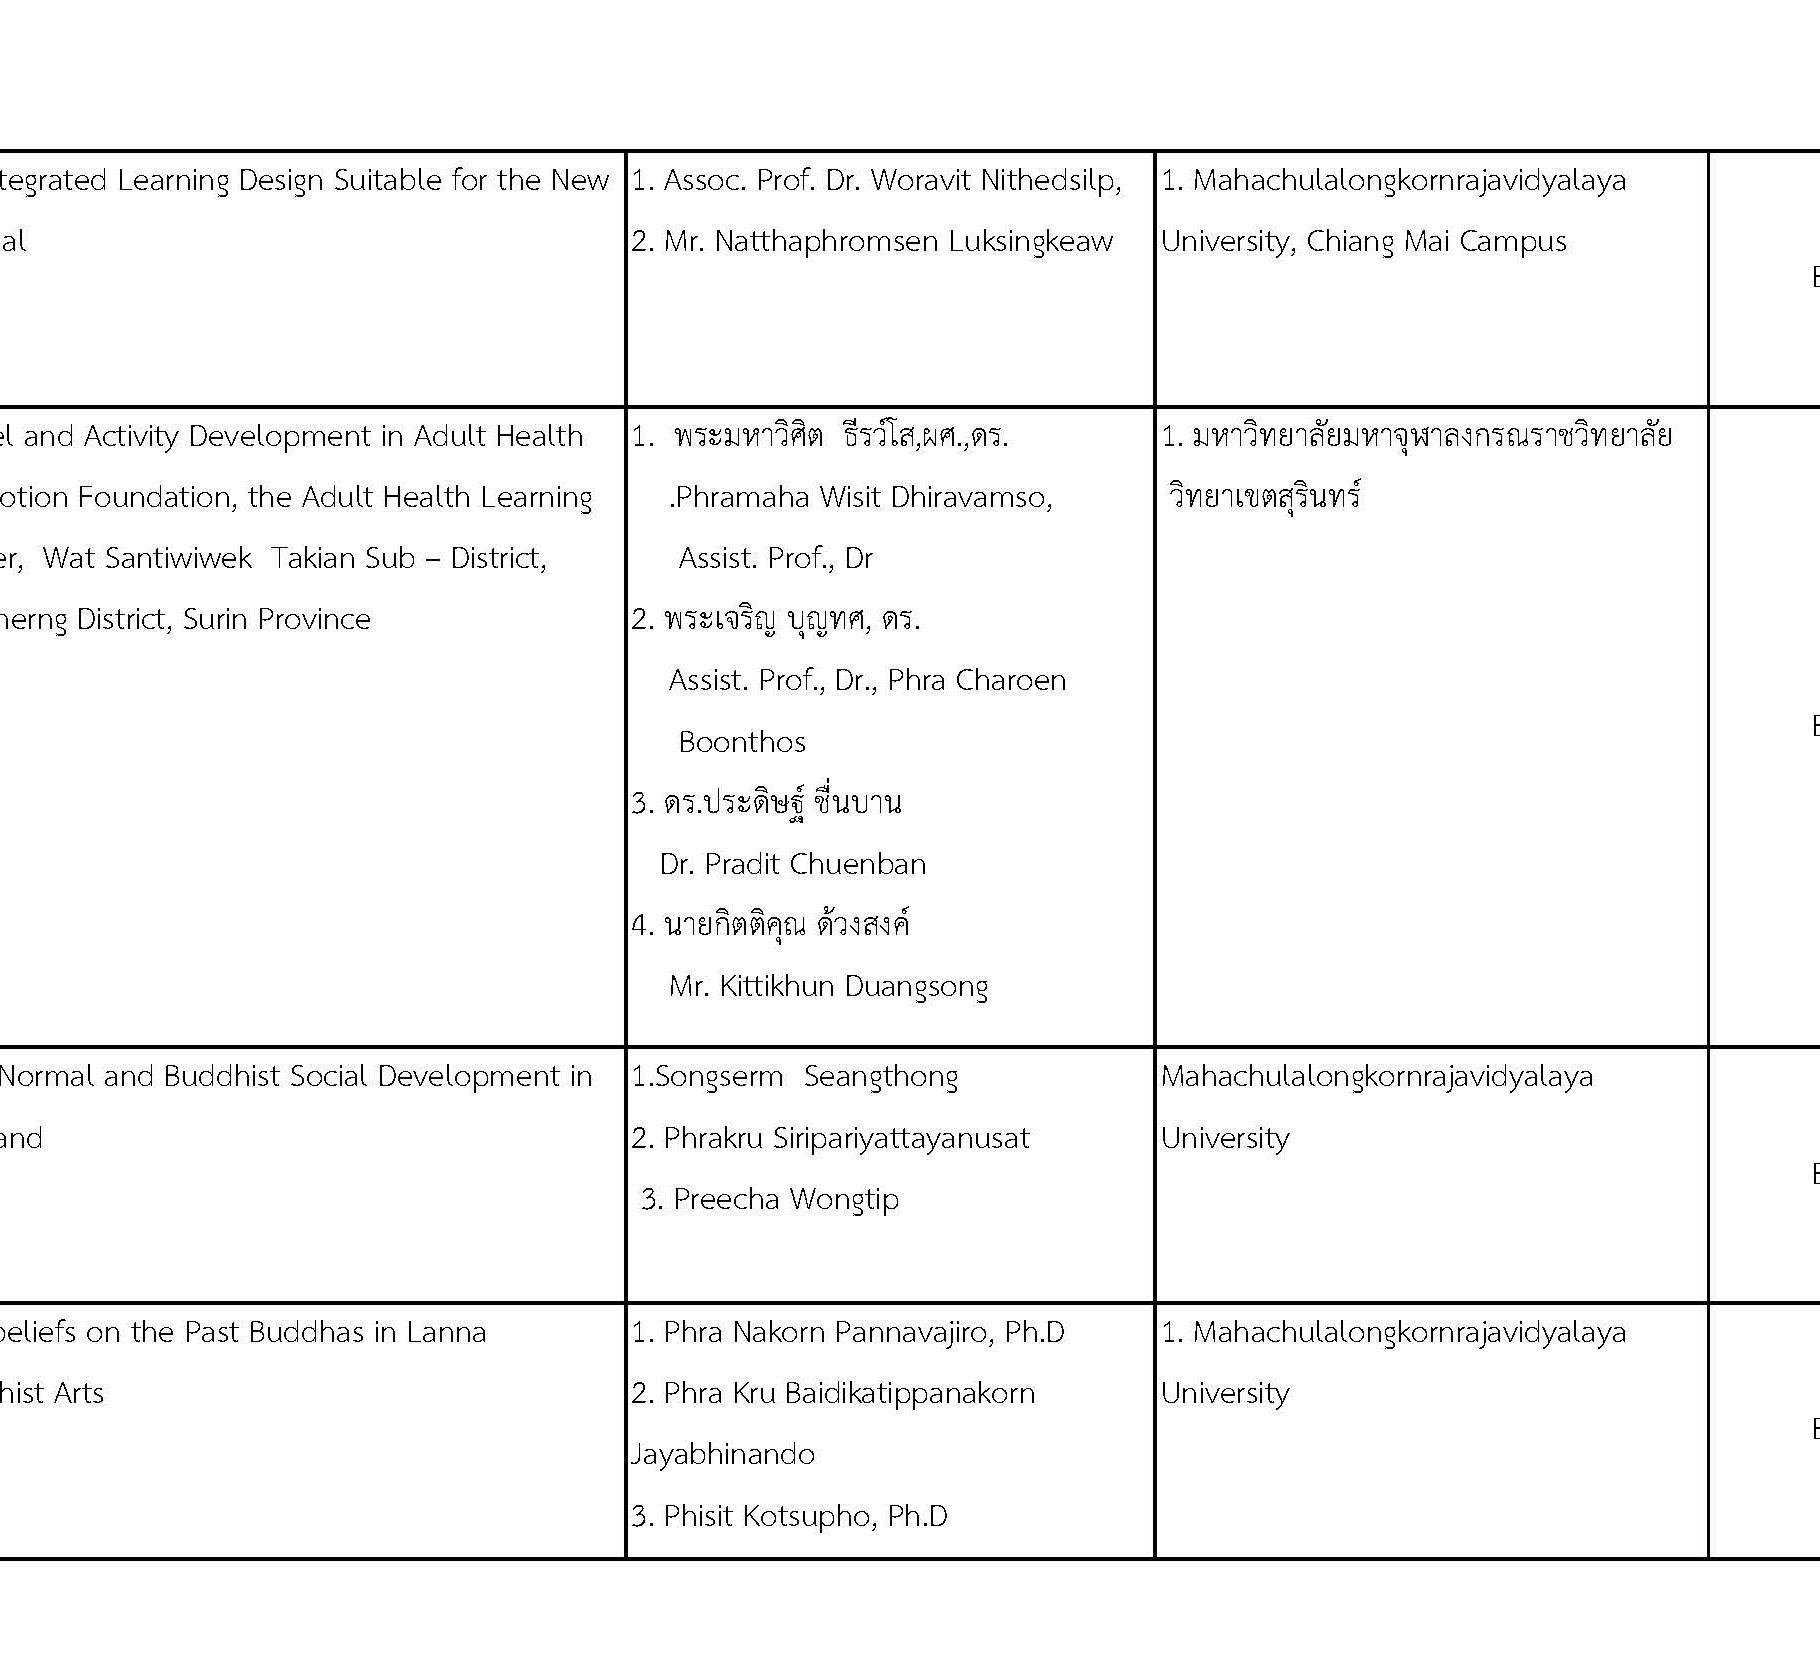 การประชุมวิชาการพระพุทธศาสนาและศิลปวัฒนธรรมระดับชาติและนานาชาติครั้งที่ ๒_Page_02